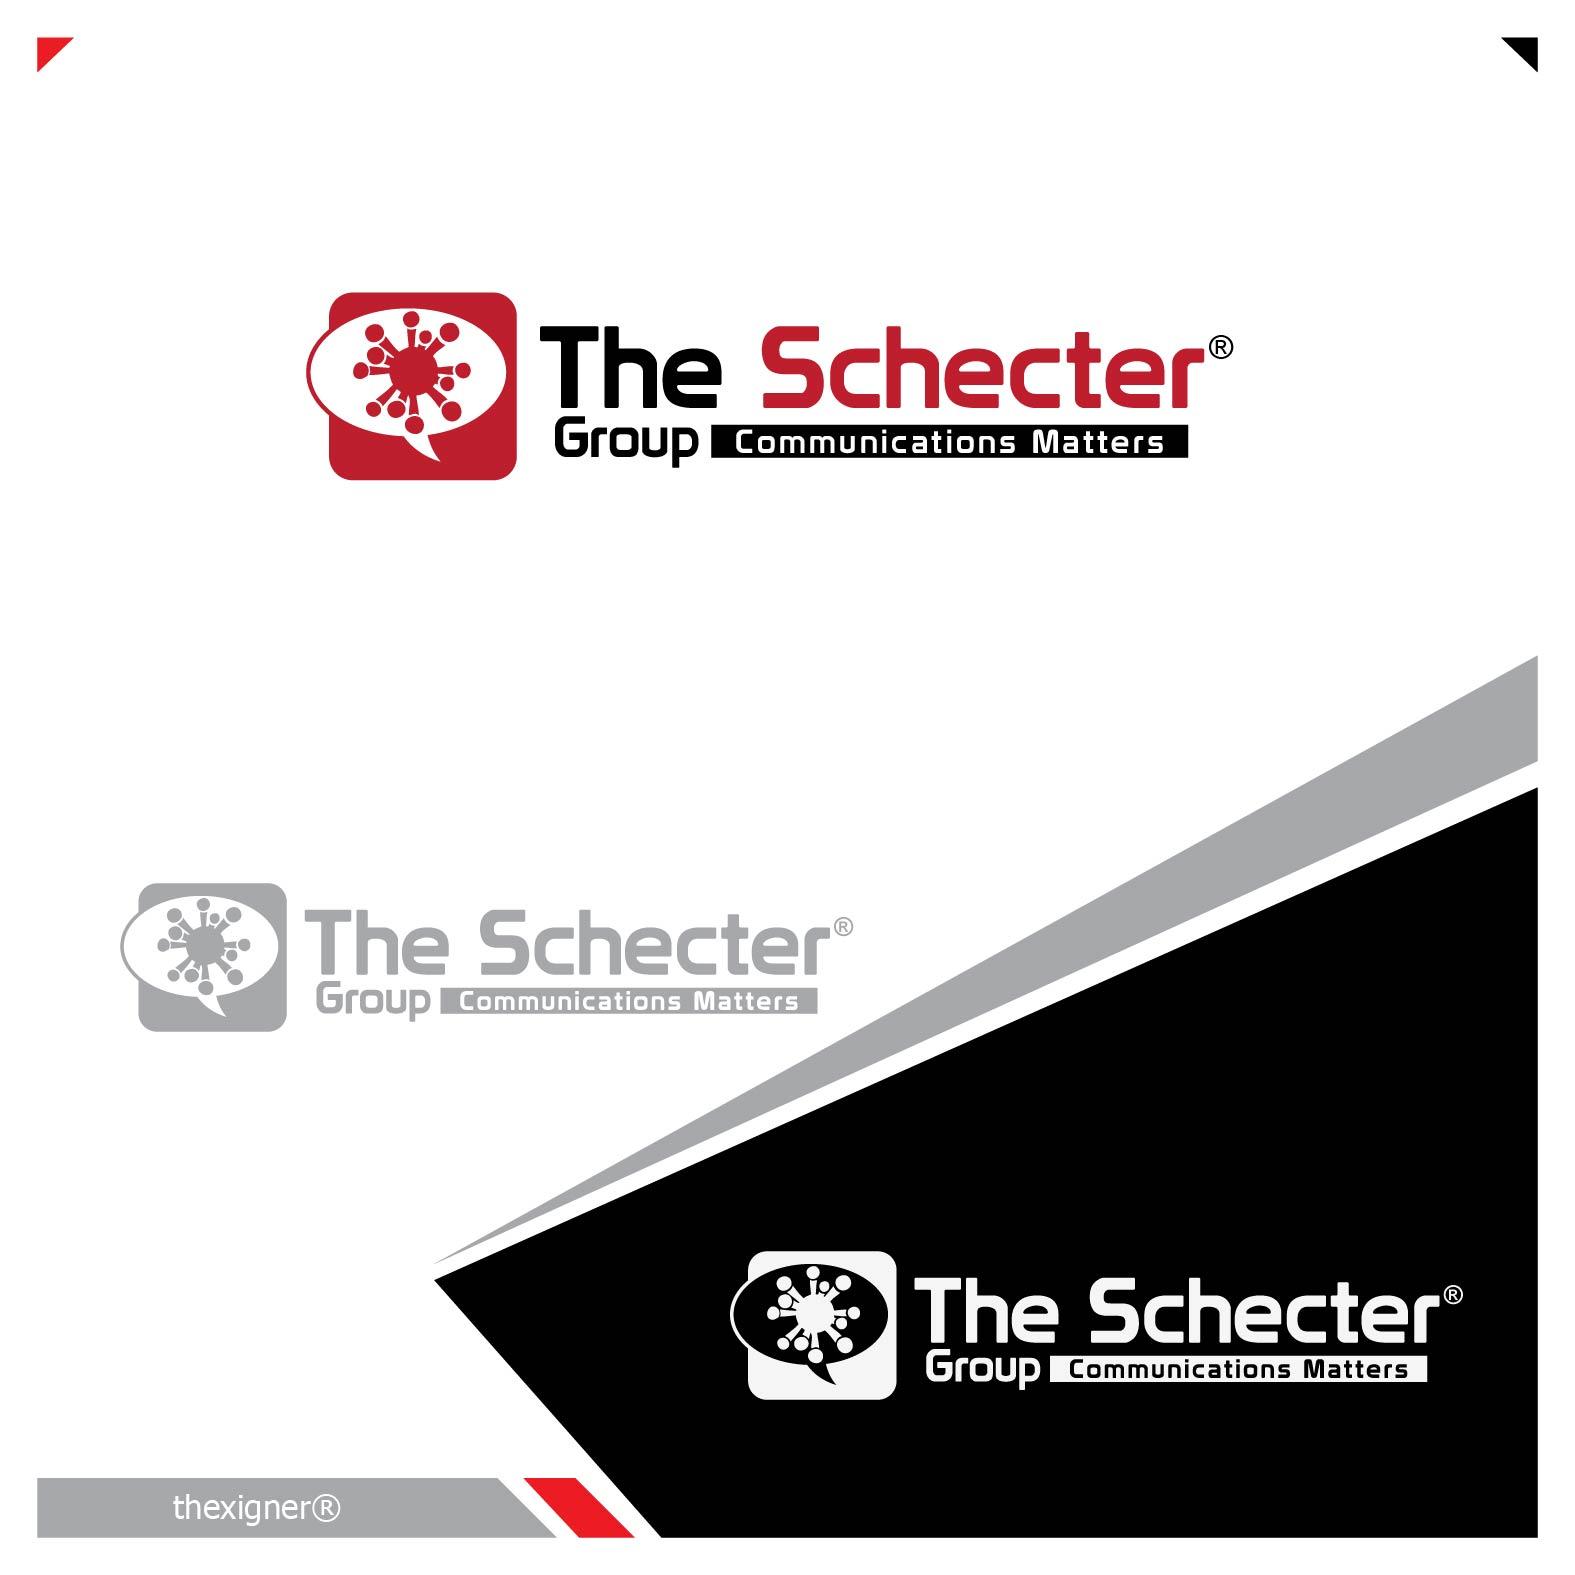 Logo Design by lagalag - Entry No. 17 in the Logo Design Contest Inspiring Logo Design for The Schecter Group.